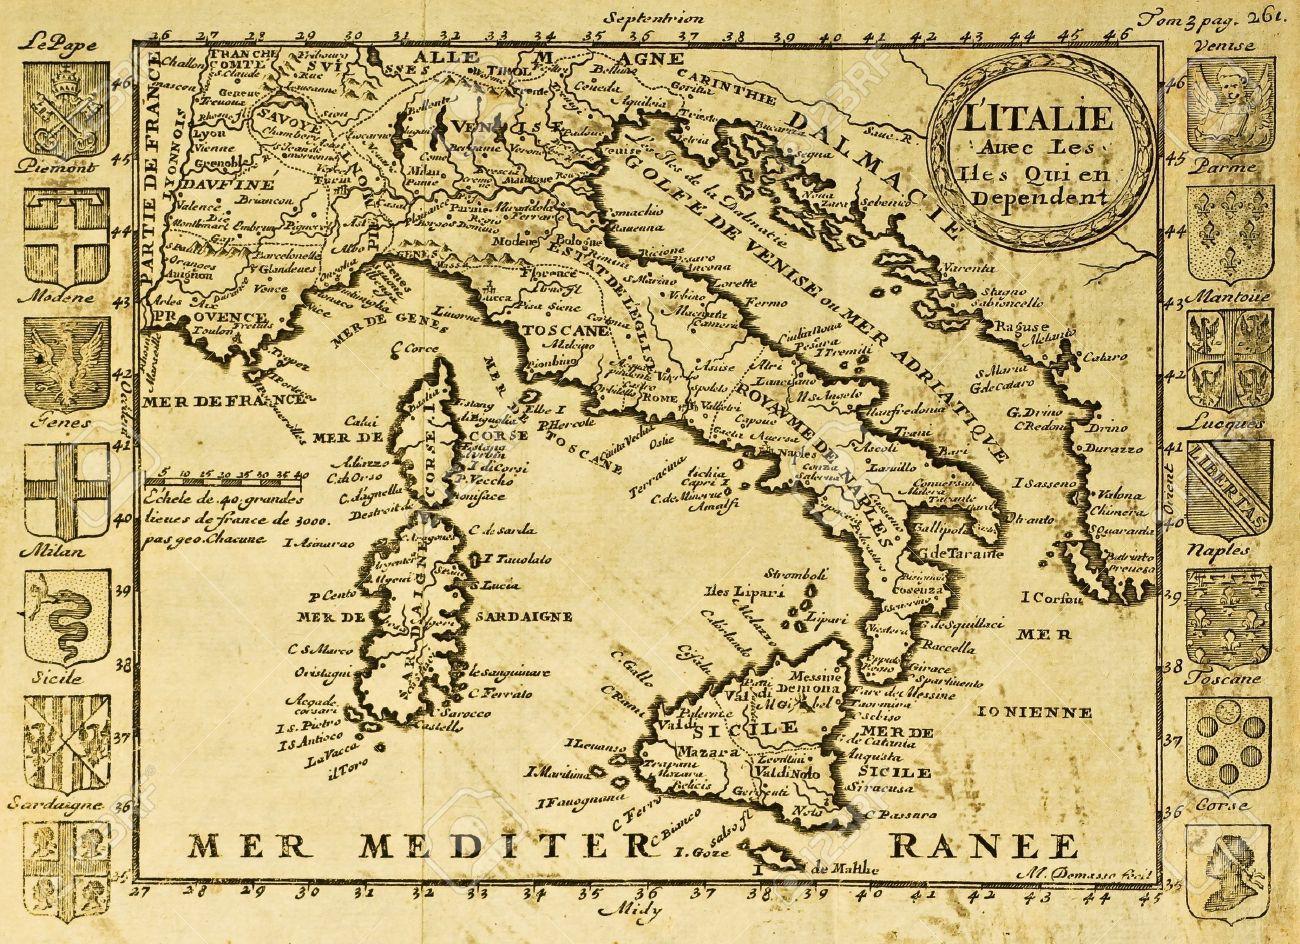 Italie Xviiie Siecle Meditation Cartes Anciennes Xviiie Siecle